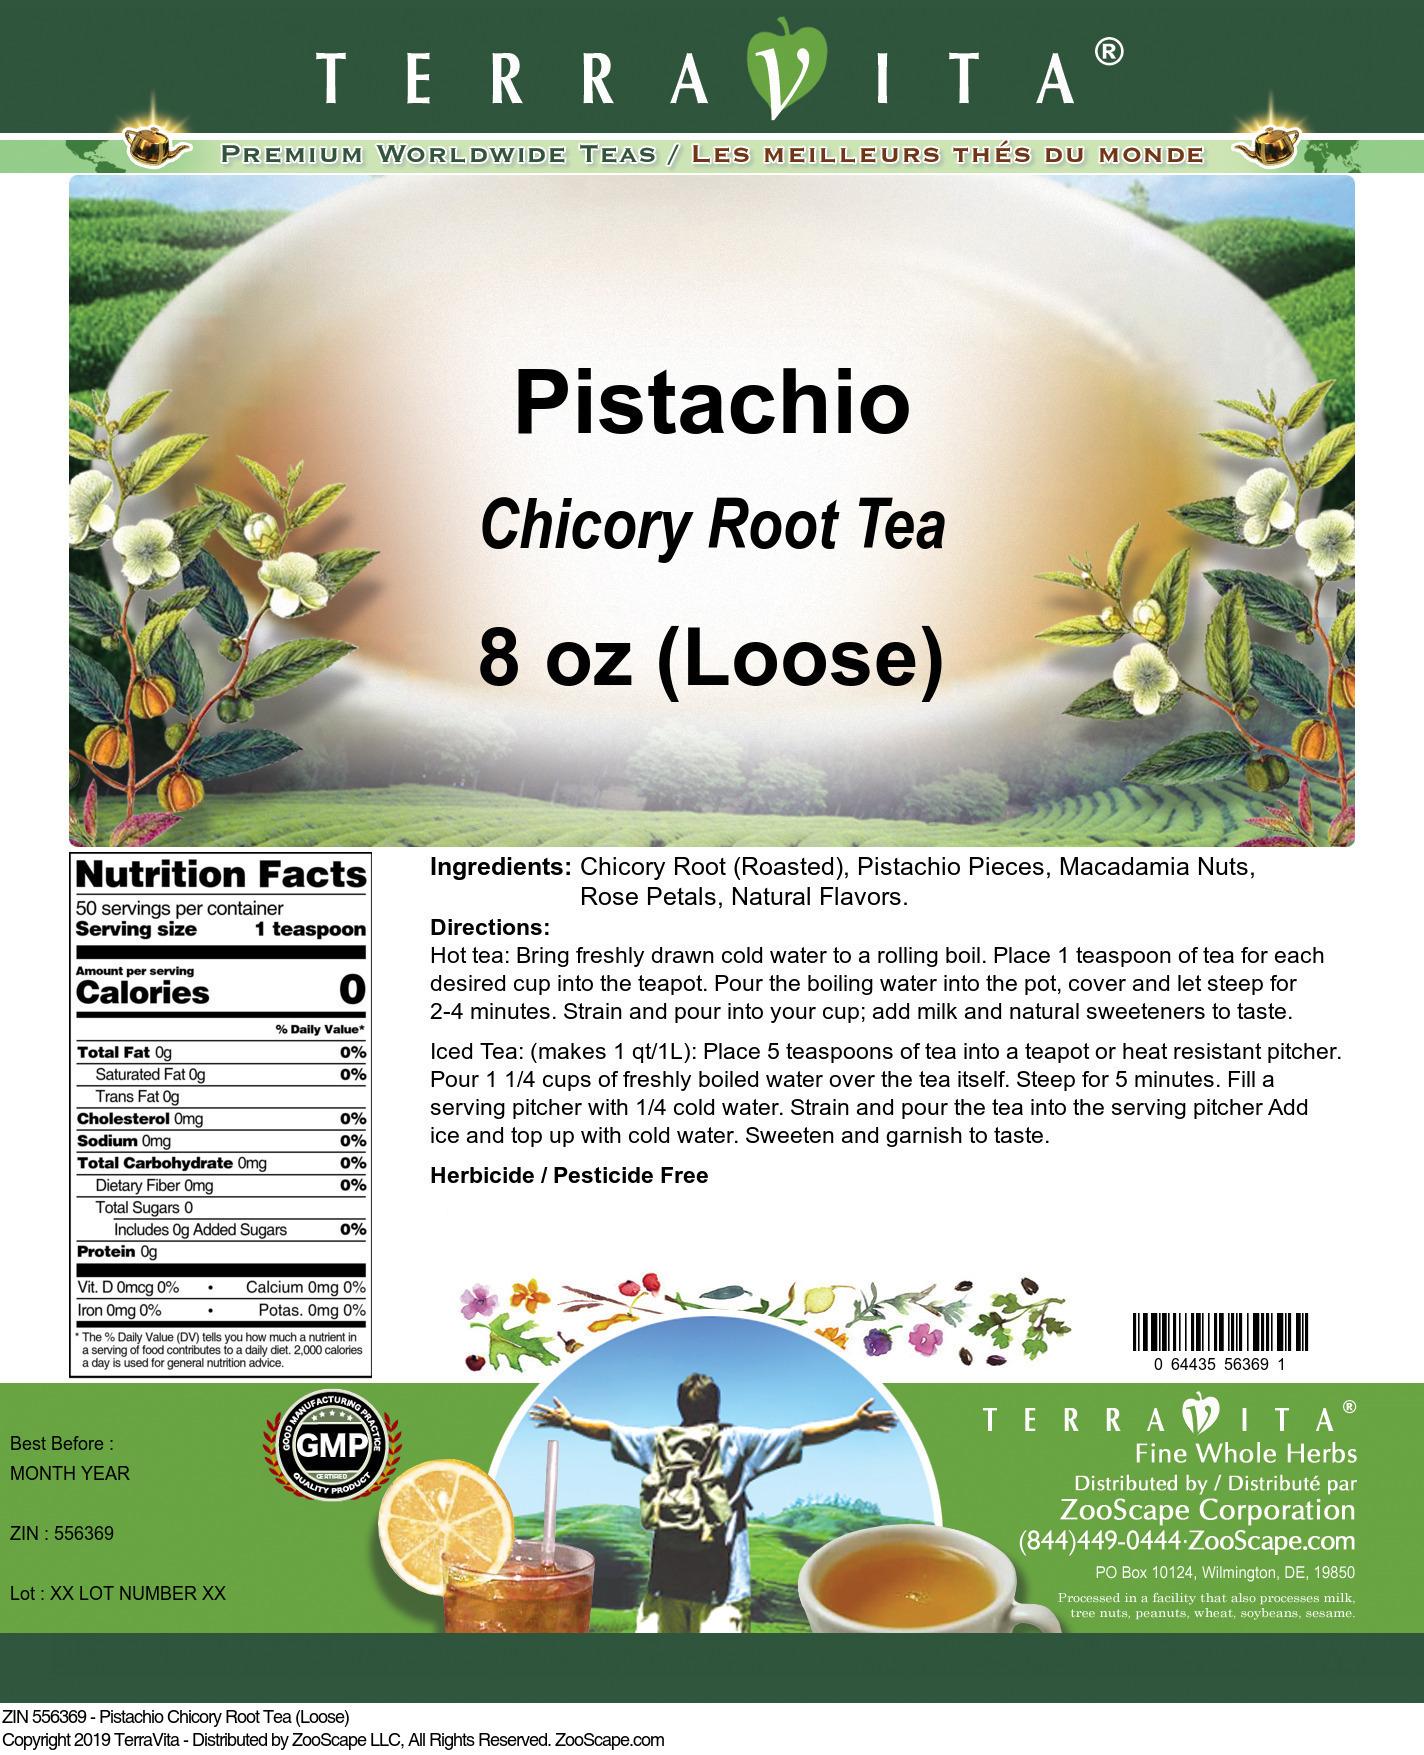 Pistachio Chicory Root Tea (Loose)